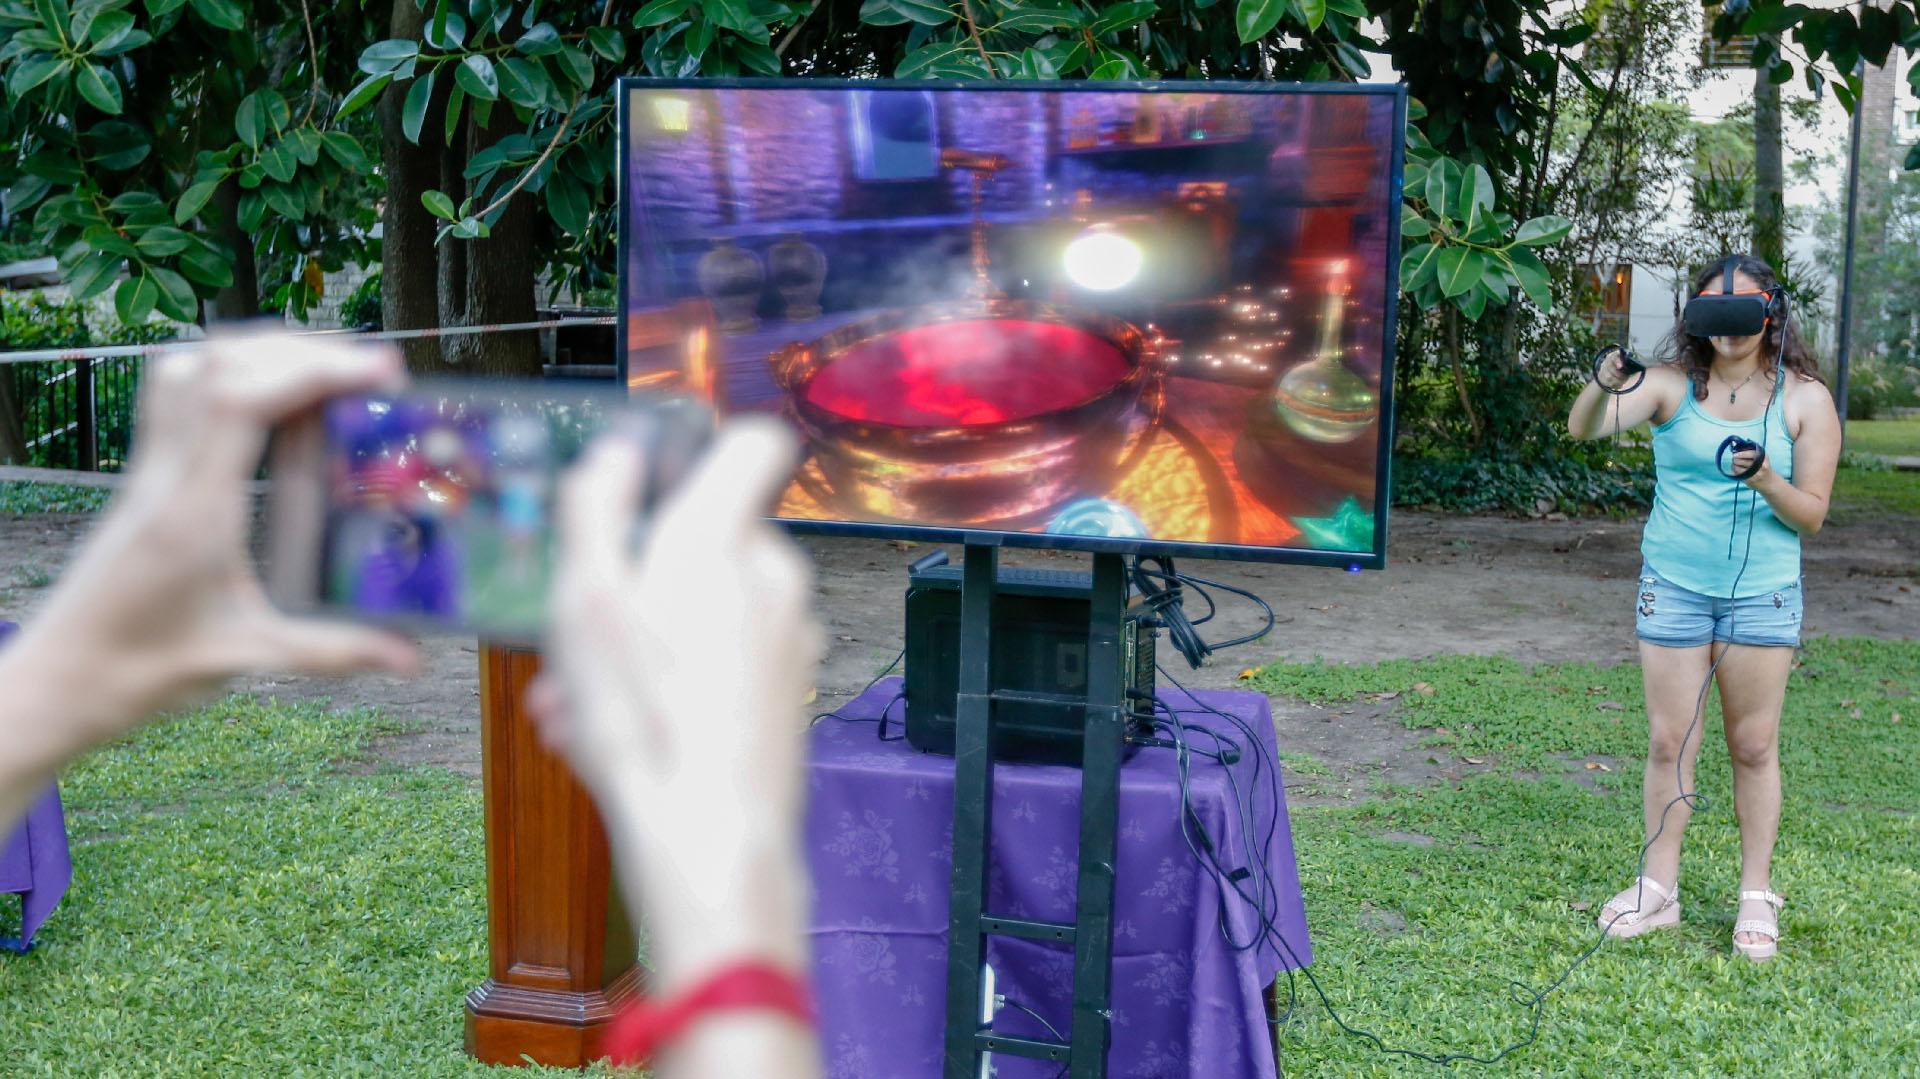 Un stand de realidad virtual que invitaba a los jóvenes a vivir una clase de hechizos